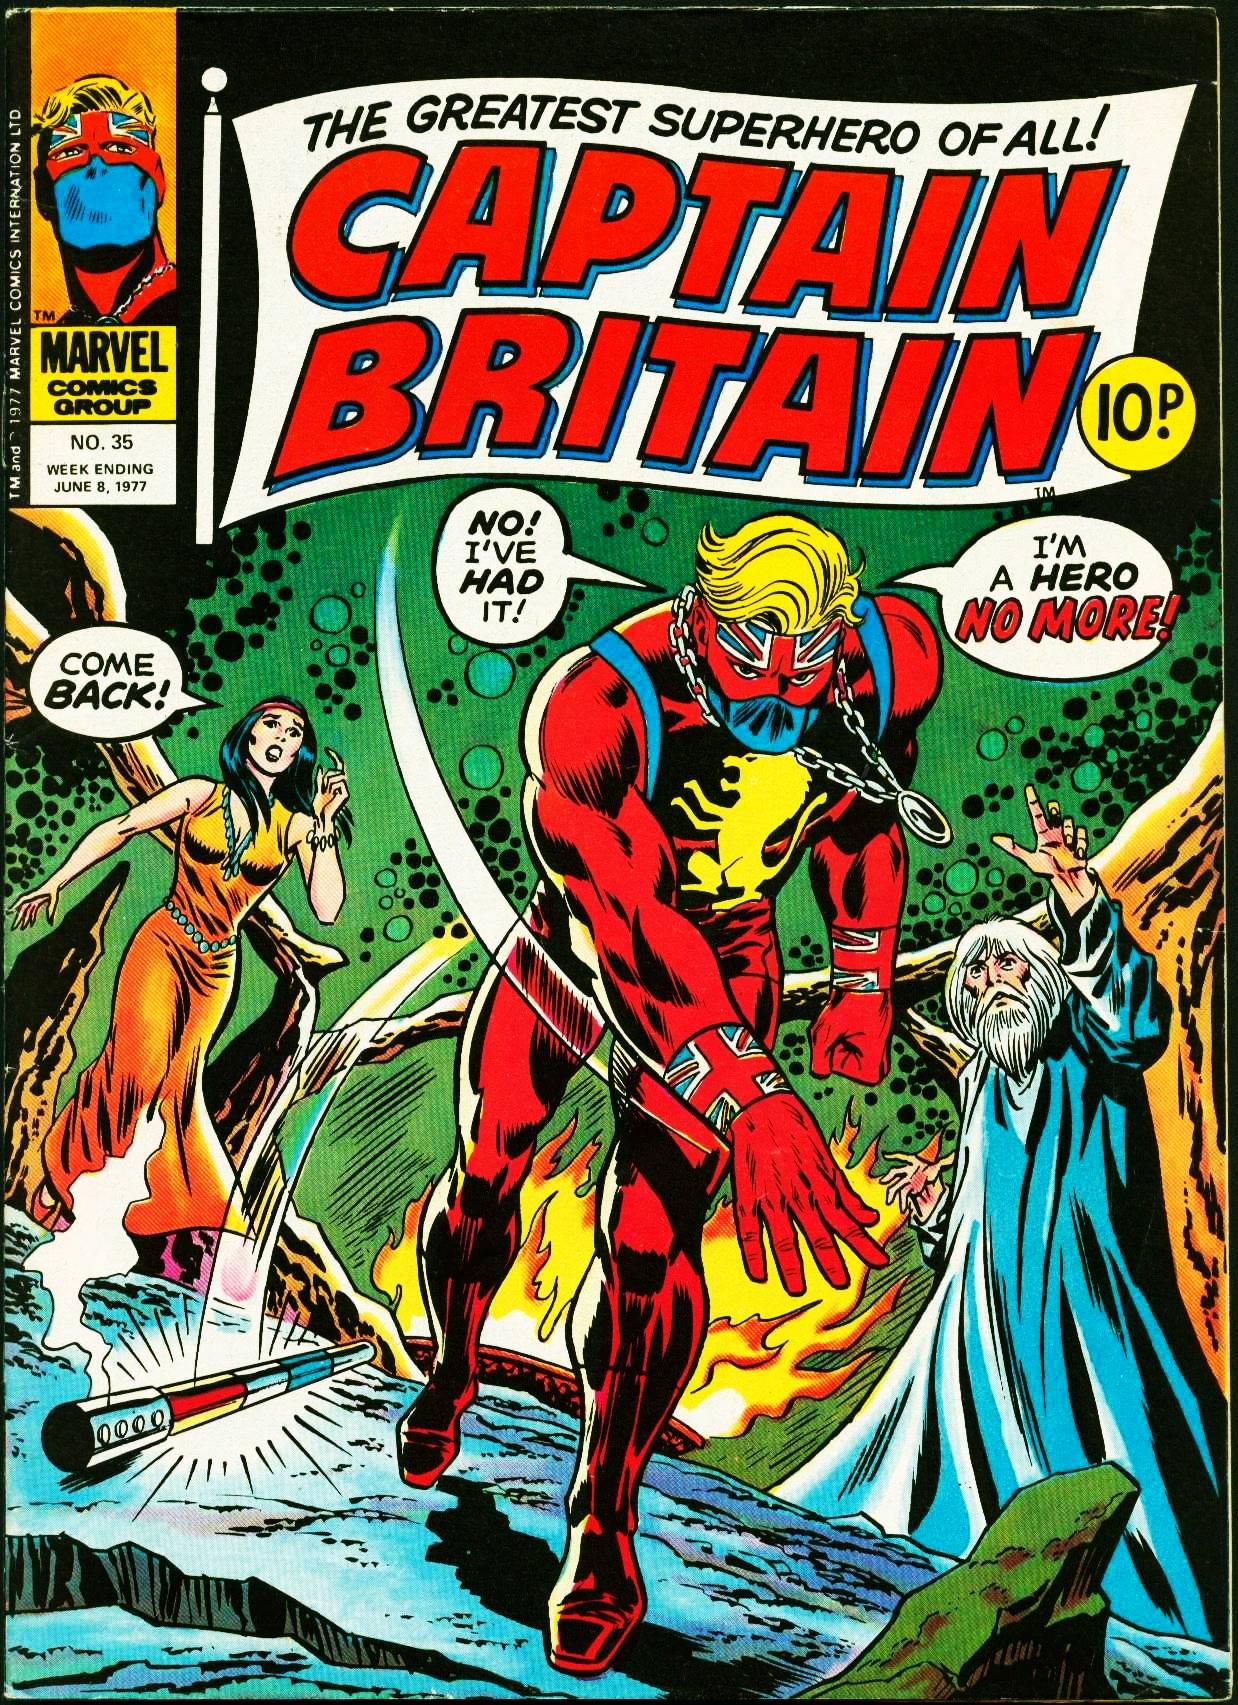 капитан британия капитан америка первый мститель